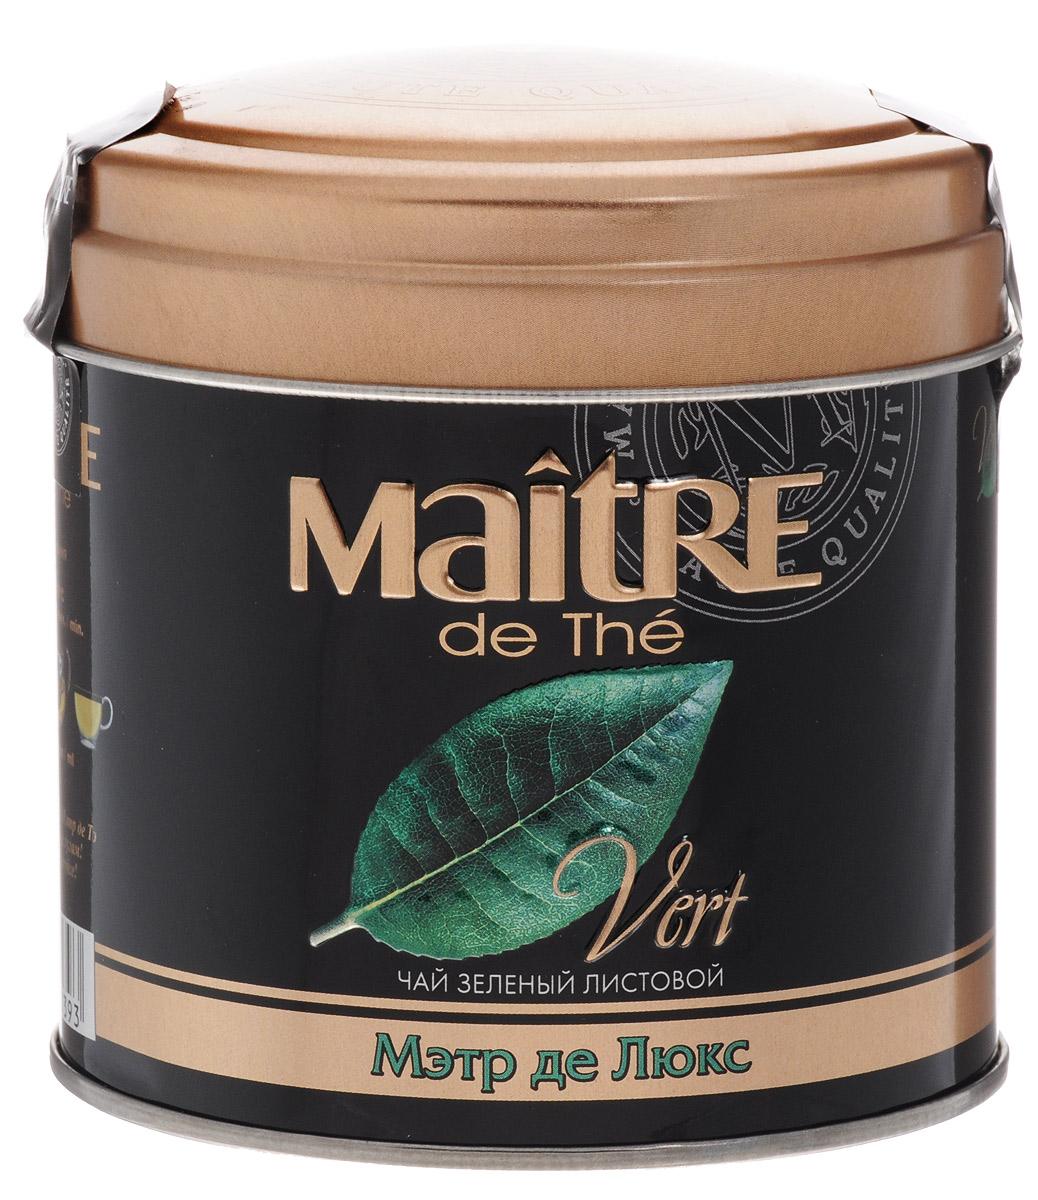 Maitre de The Де Люкс зеленый листовой чай, 65 г (жестяная банка)101246Maitre de The Де Люкс Зеленый листовой чай - это необыкновенный чай, сочетающий изысканный сладкий аромат белого чая со вкусом и полезными свойствами зеленого чая.Белые чайные листочки придают настою яркий прозрачный цвет.